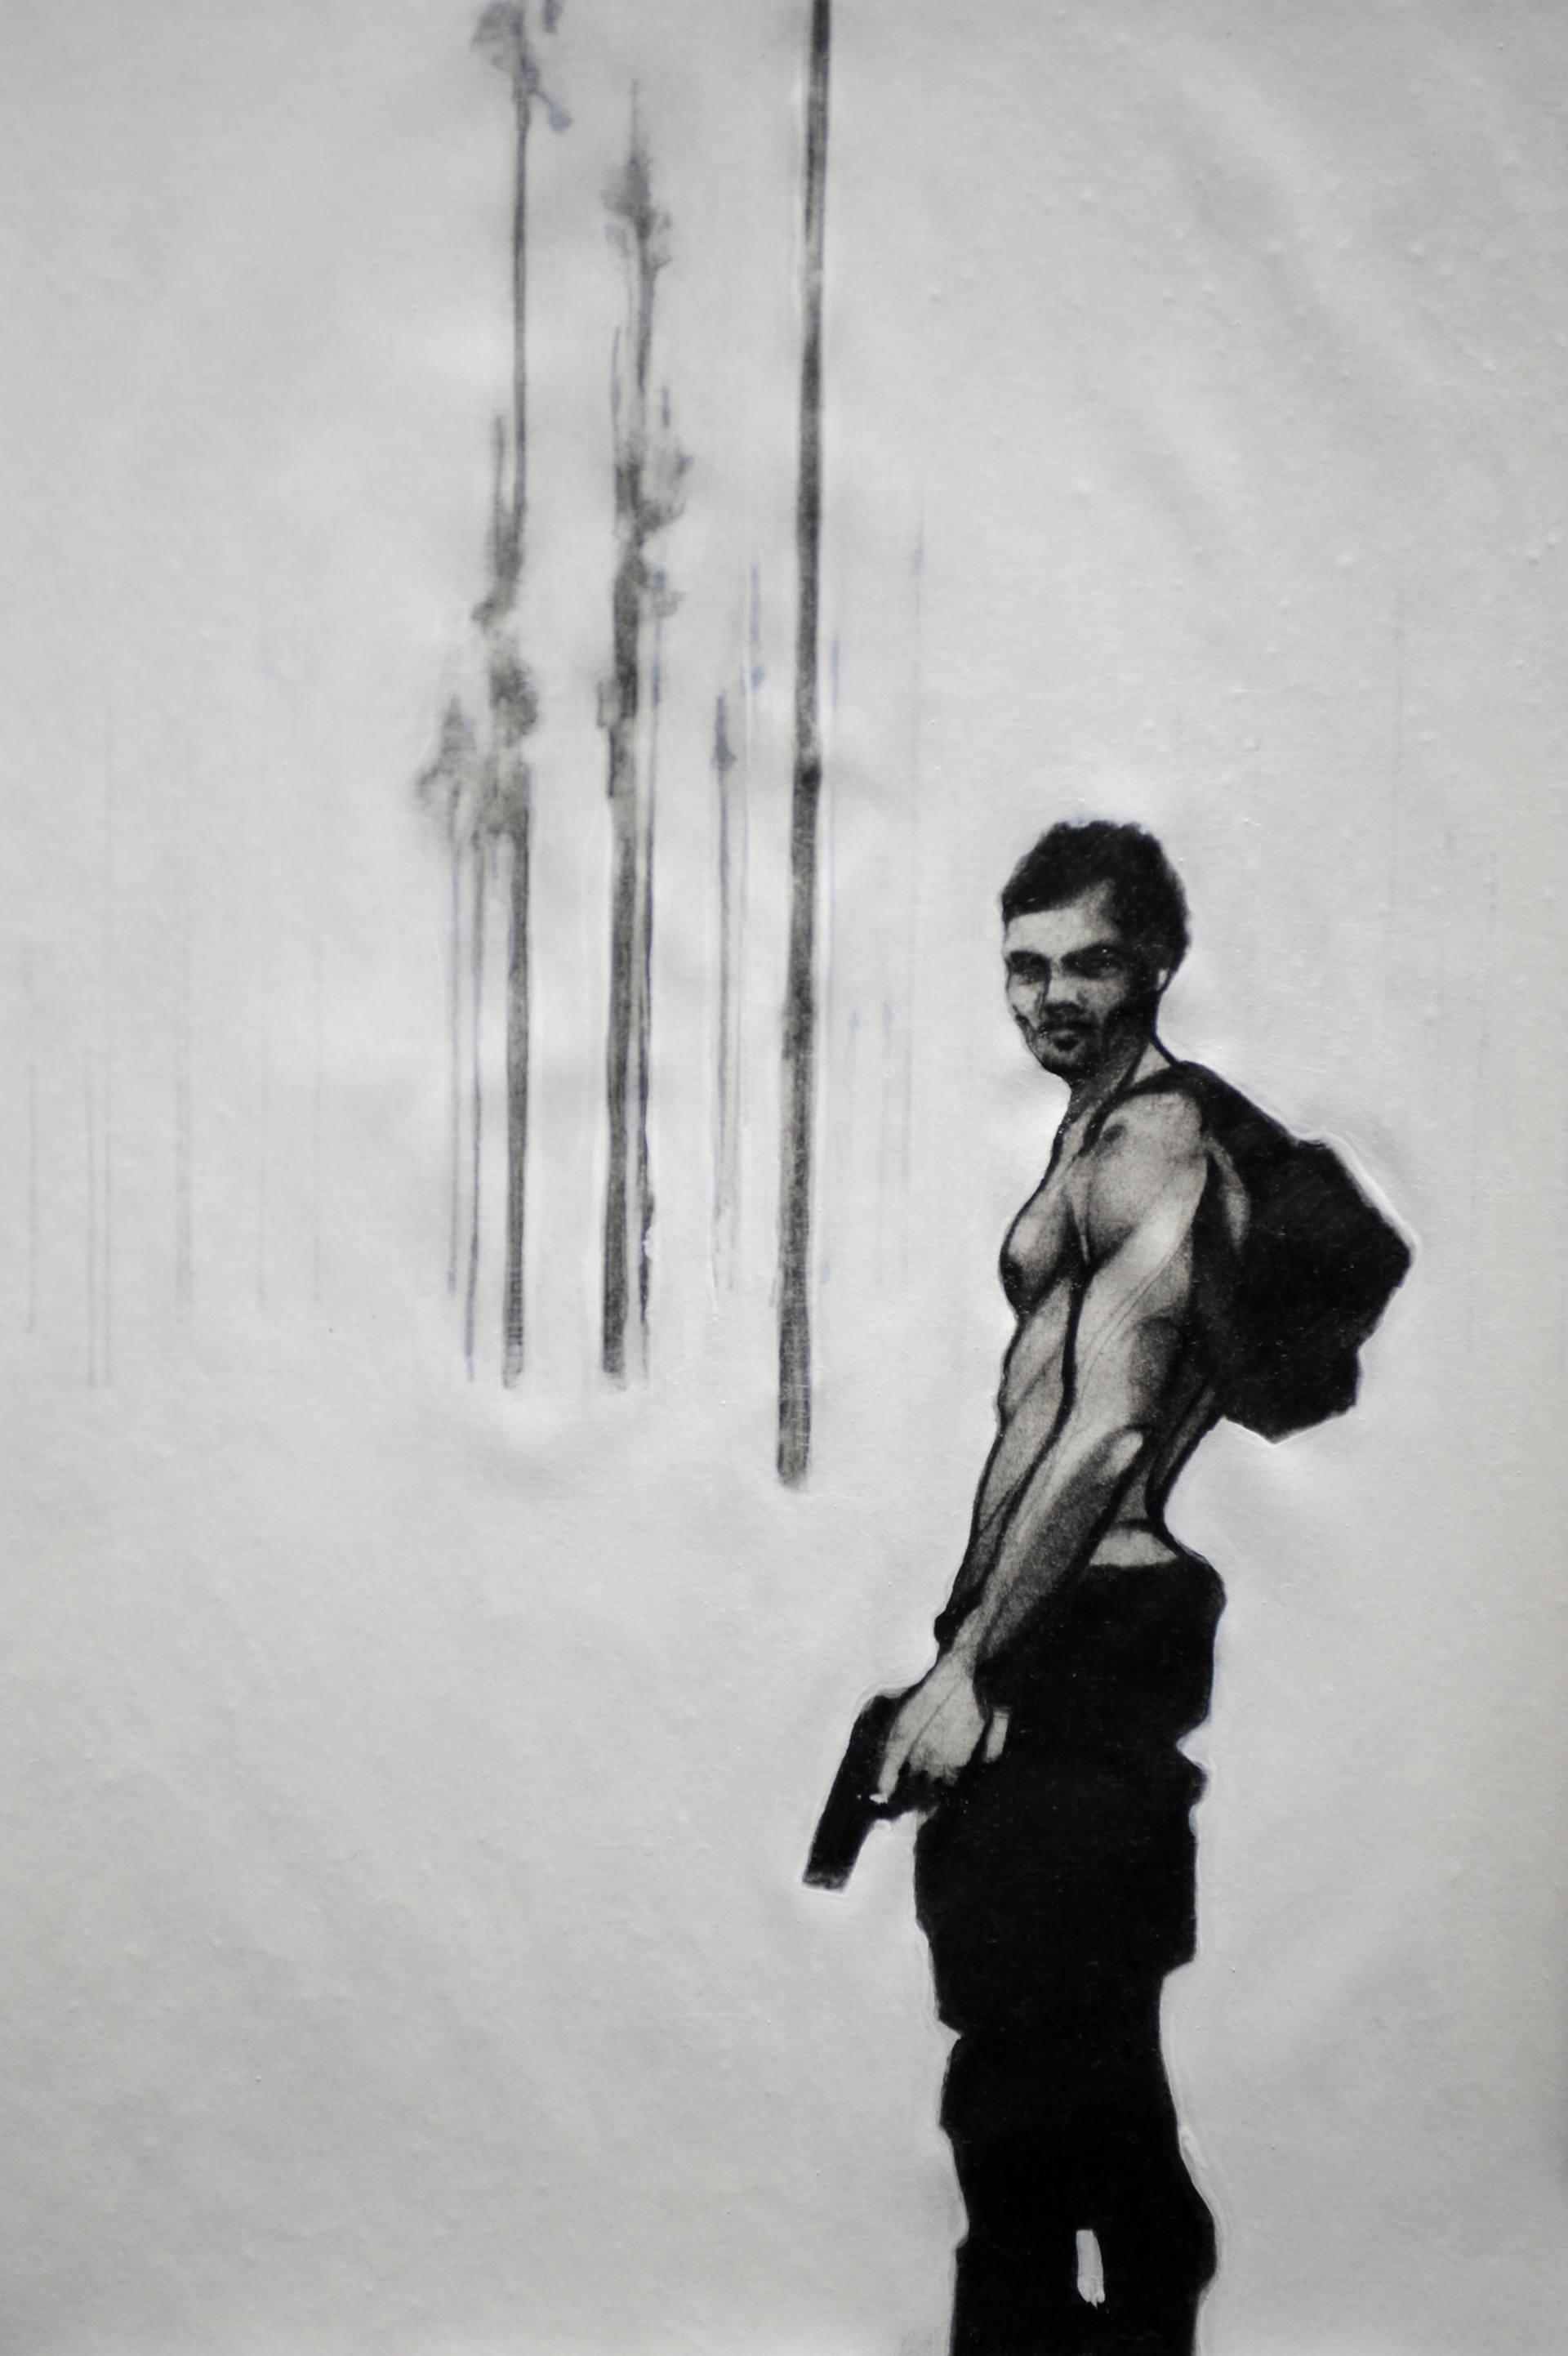 Risultati immagini per A guy with a gun 1 enrico salvadori